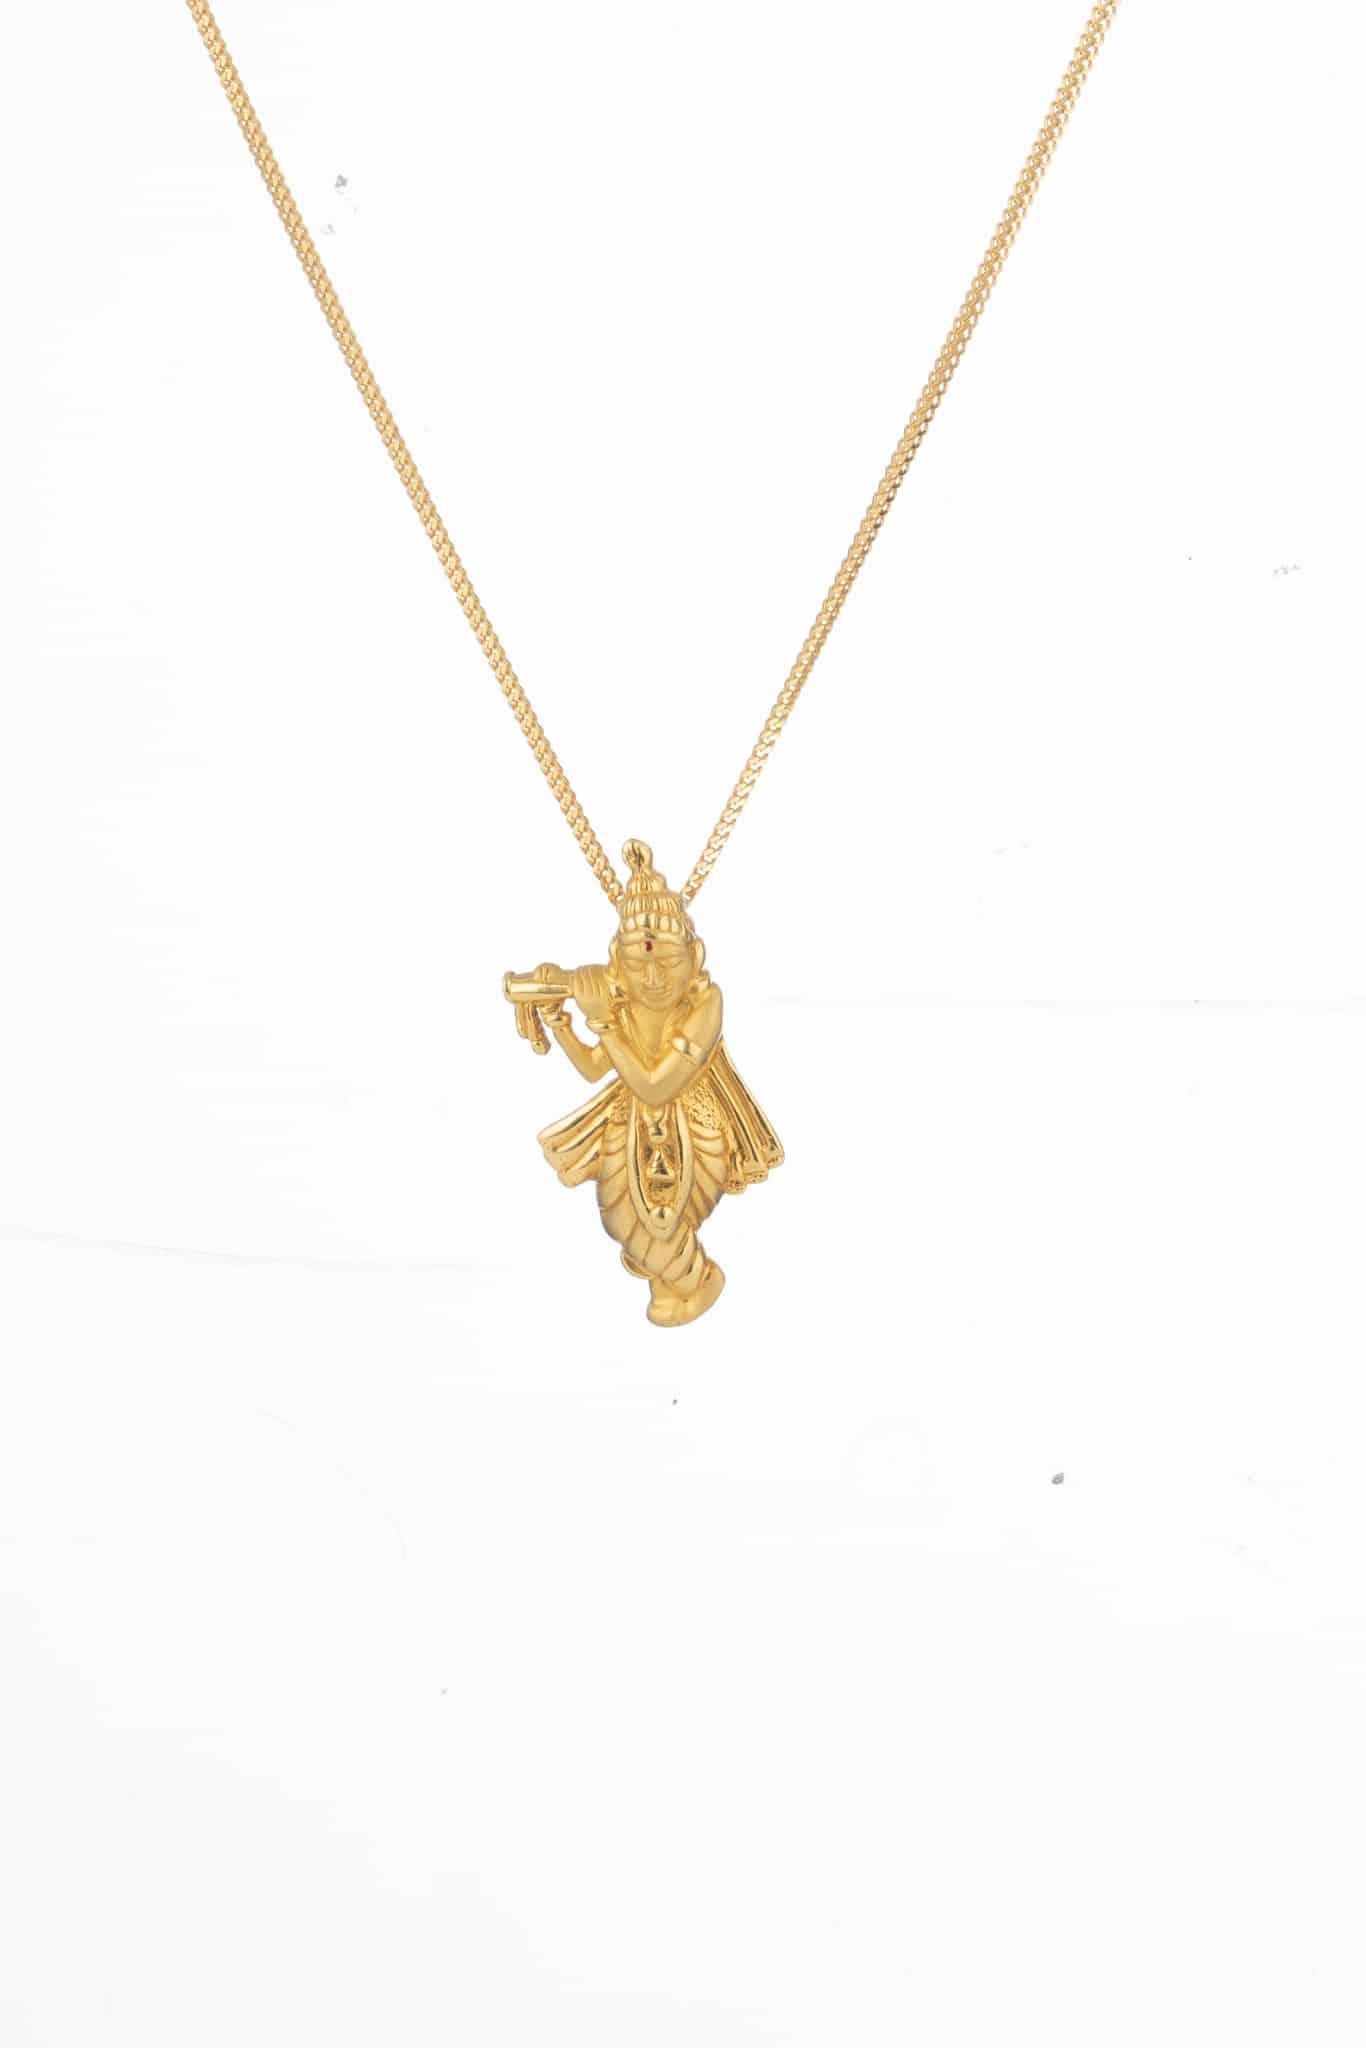 24208 - Lord Sri Krishna Gold Pendant